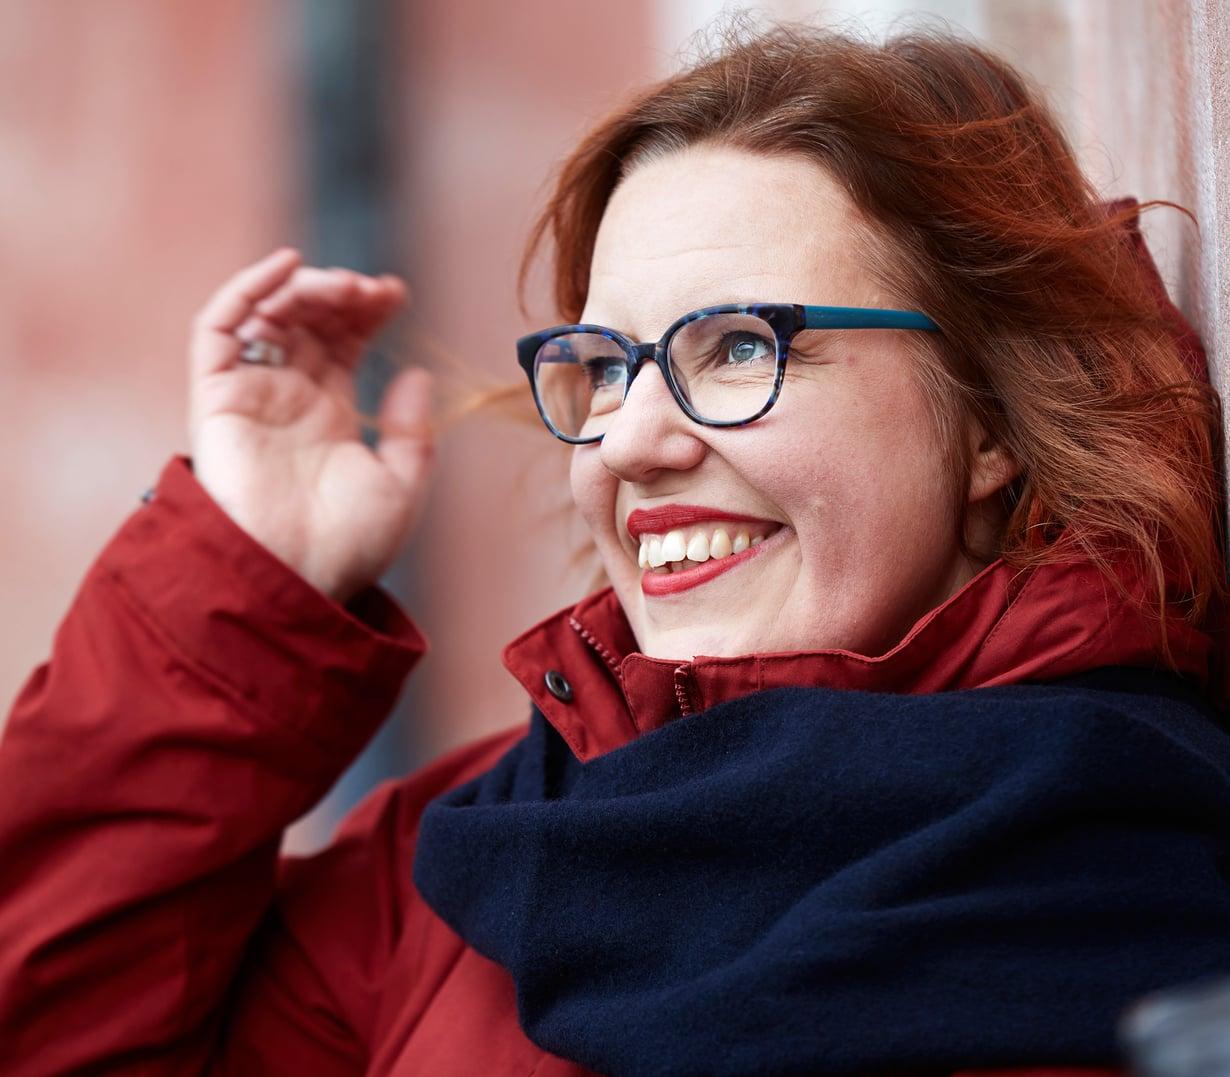 Opiskellessaan seksuaaliterapeutiksi Anu Kinnunen, sinkku itsekin, päätti alkaa pitää parisuhteettomien puolta. Kuva Juha Salminen